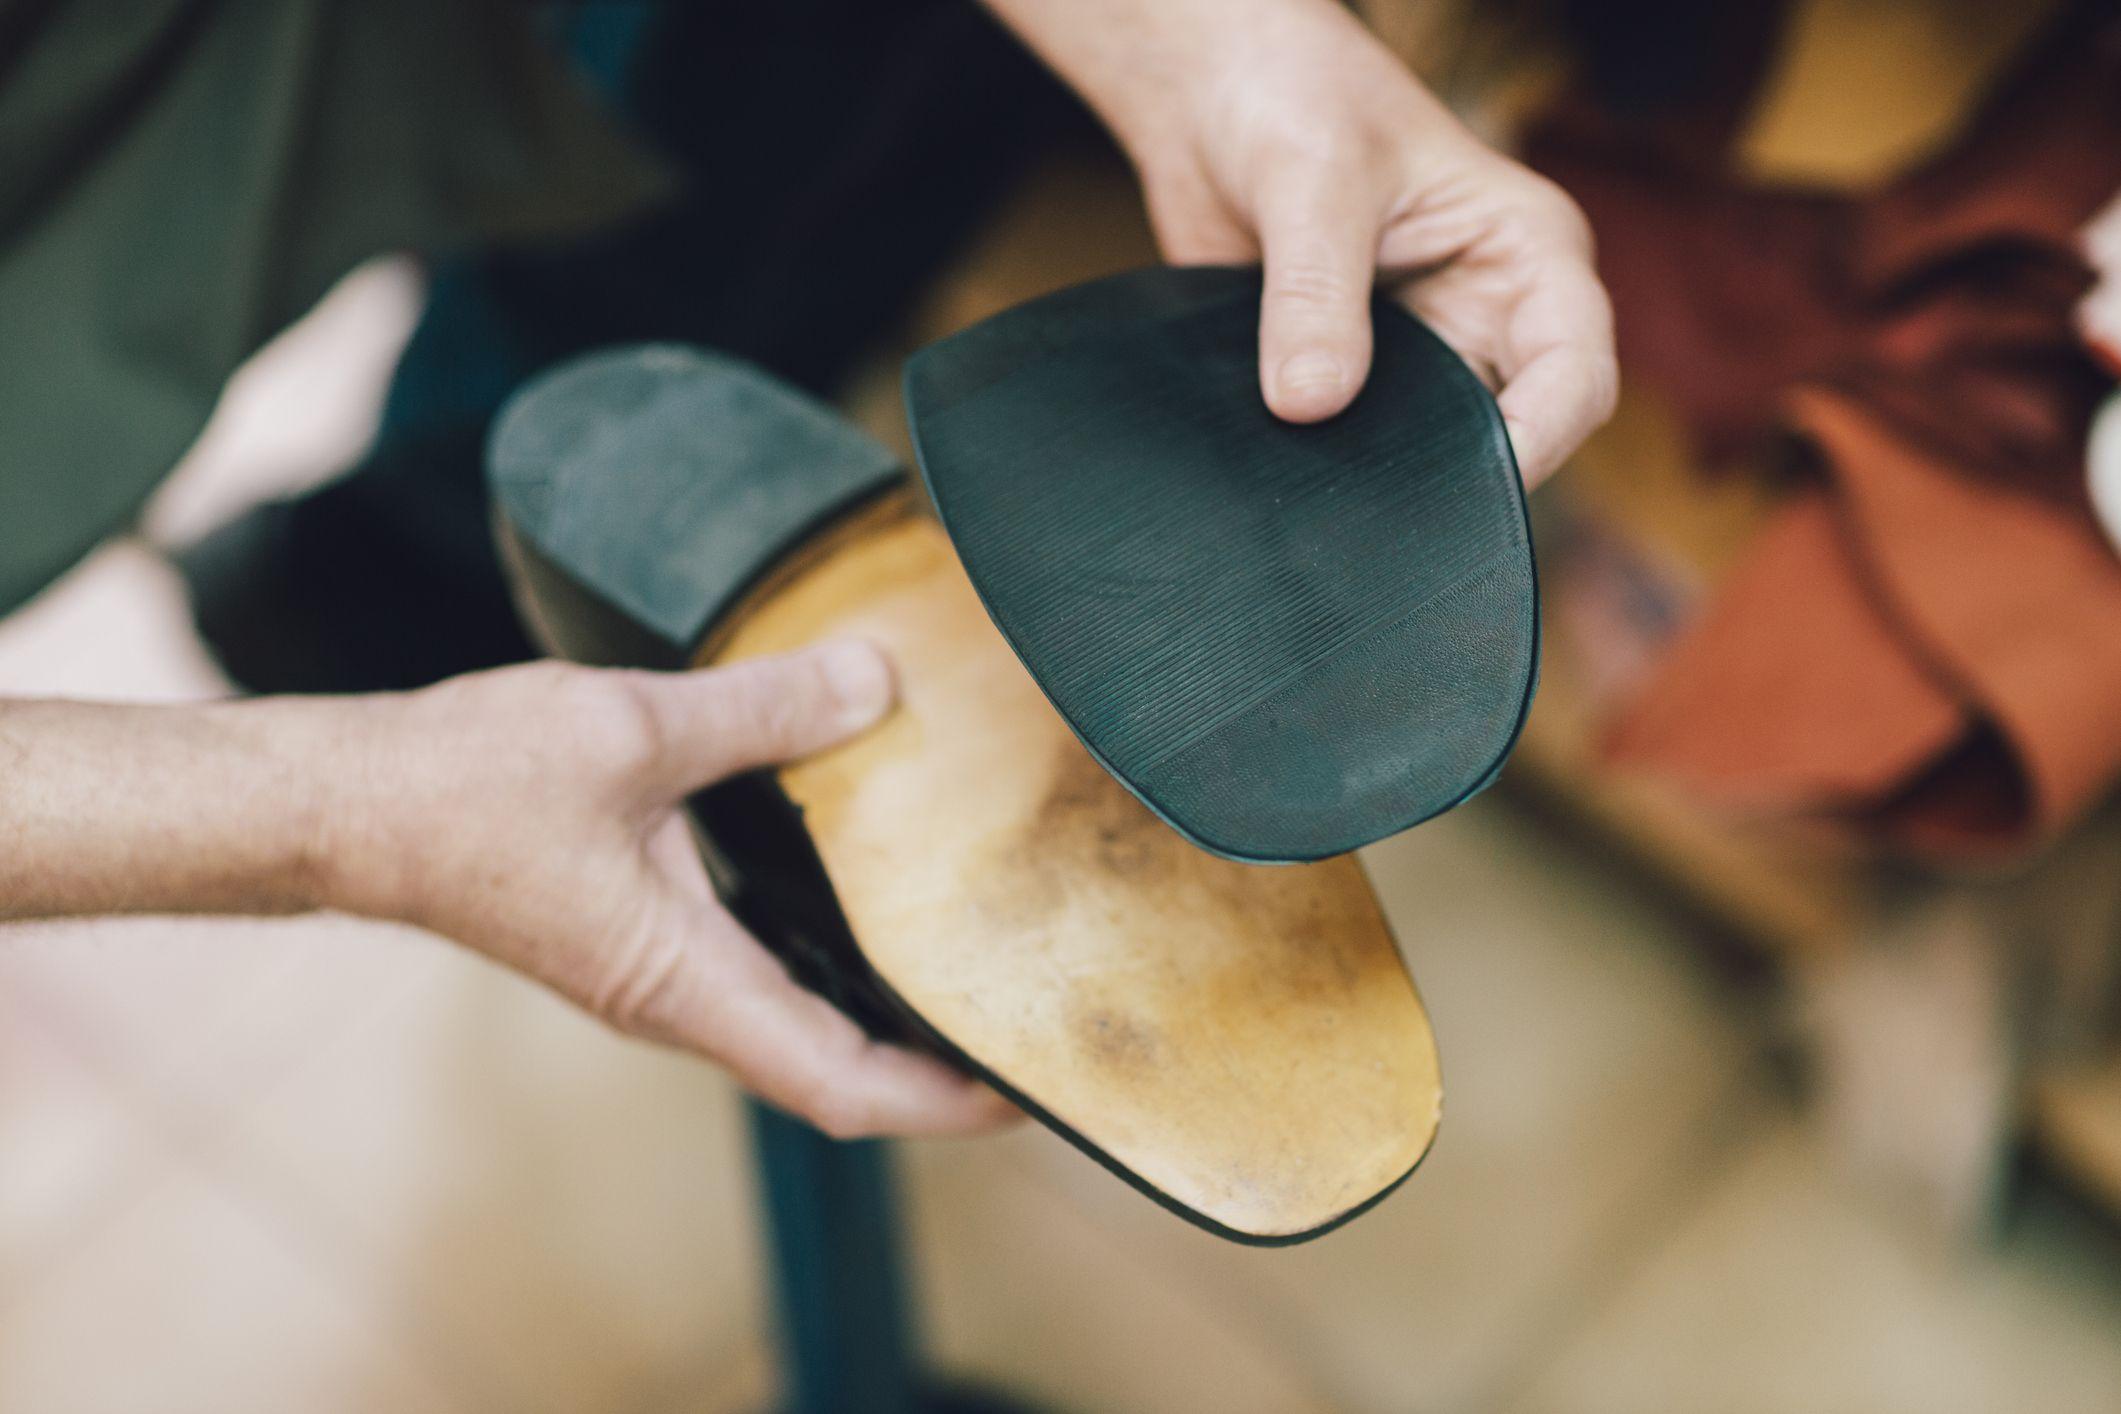 Zapatos cosidos a mano